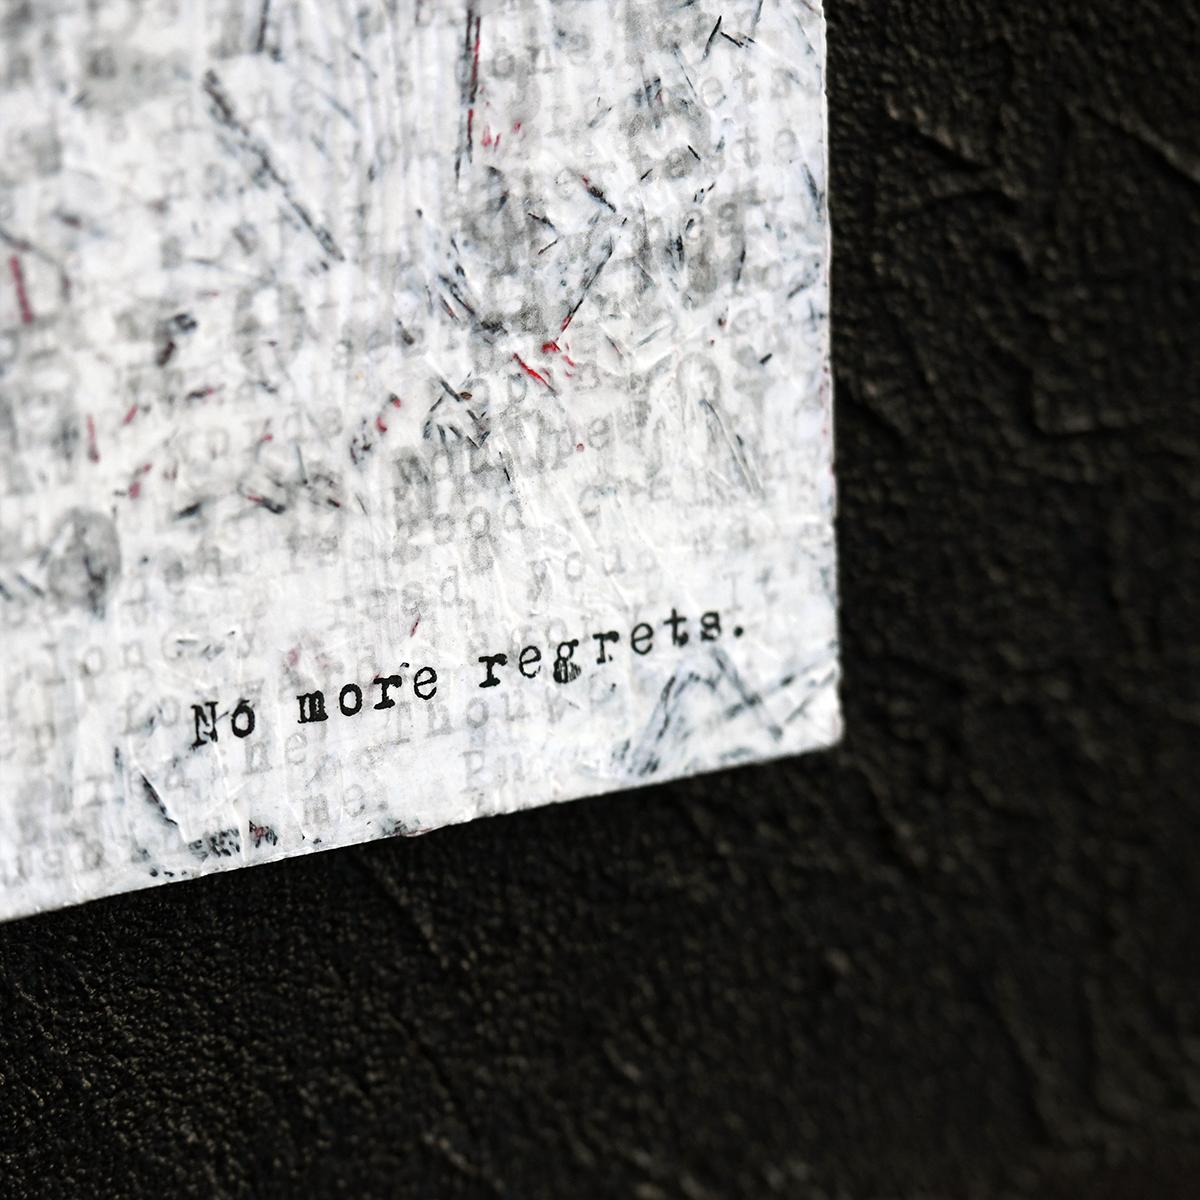 NO MORE REGRETS #003 - PART